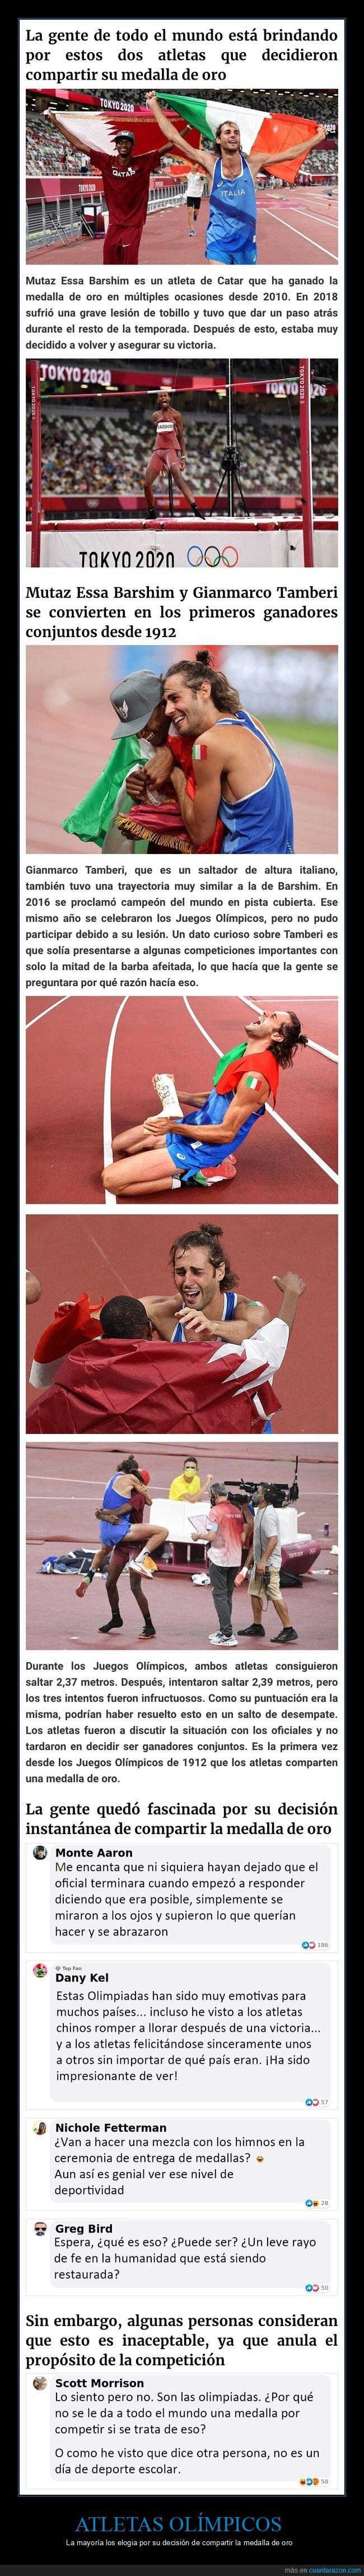 atletas,juegos olímpicos.compartir,medalla,oro